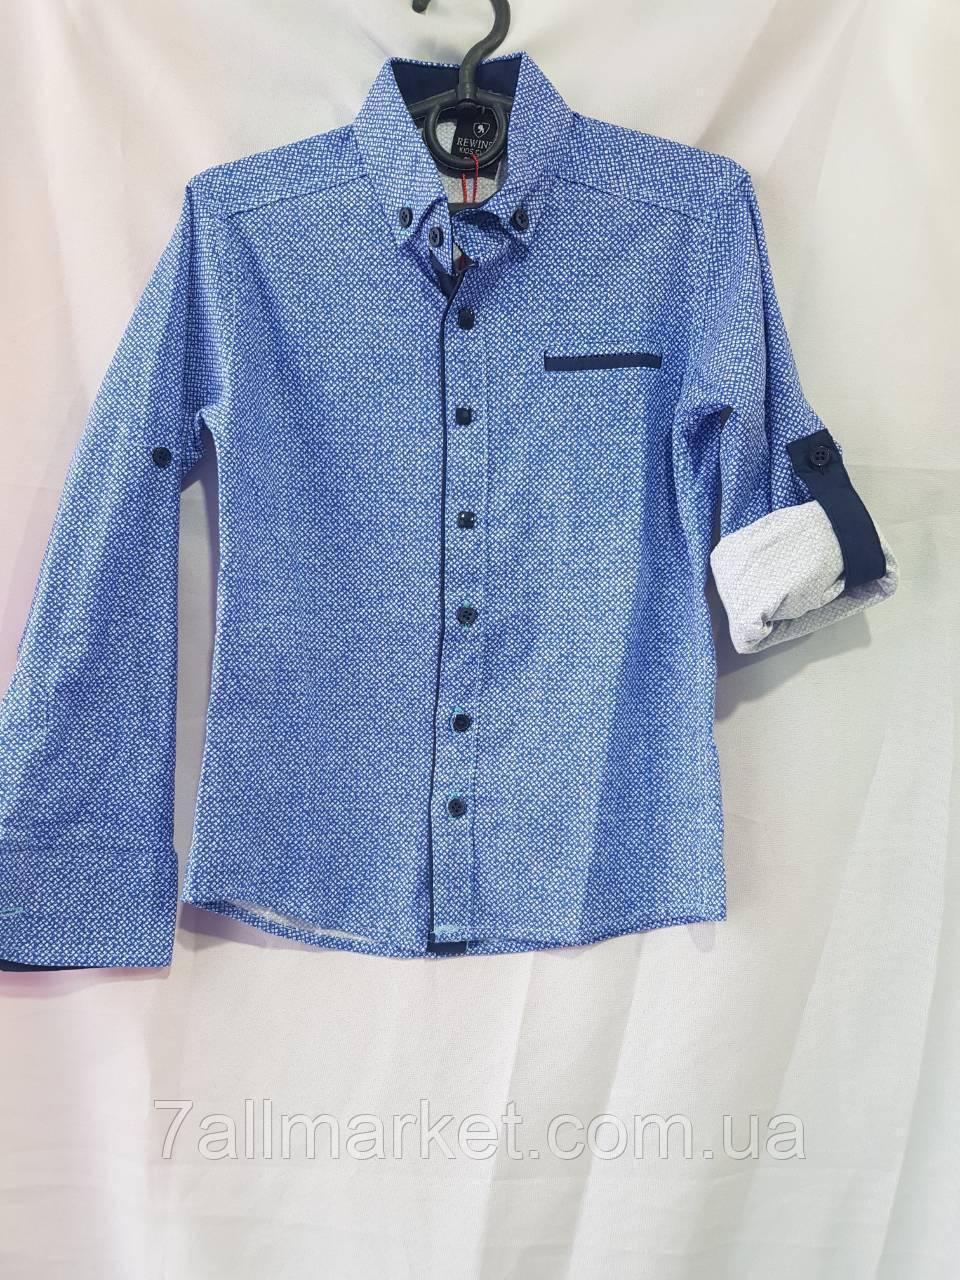 """Рубашка подростковая с рукавом 3/4 на мальчика 12-16 лет (3 цвета) """"FLOPPY"""" купить оптом в Одессе на 7км"""